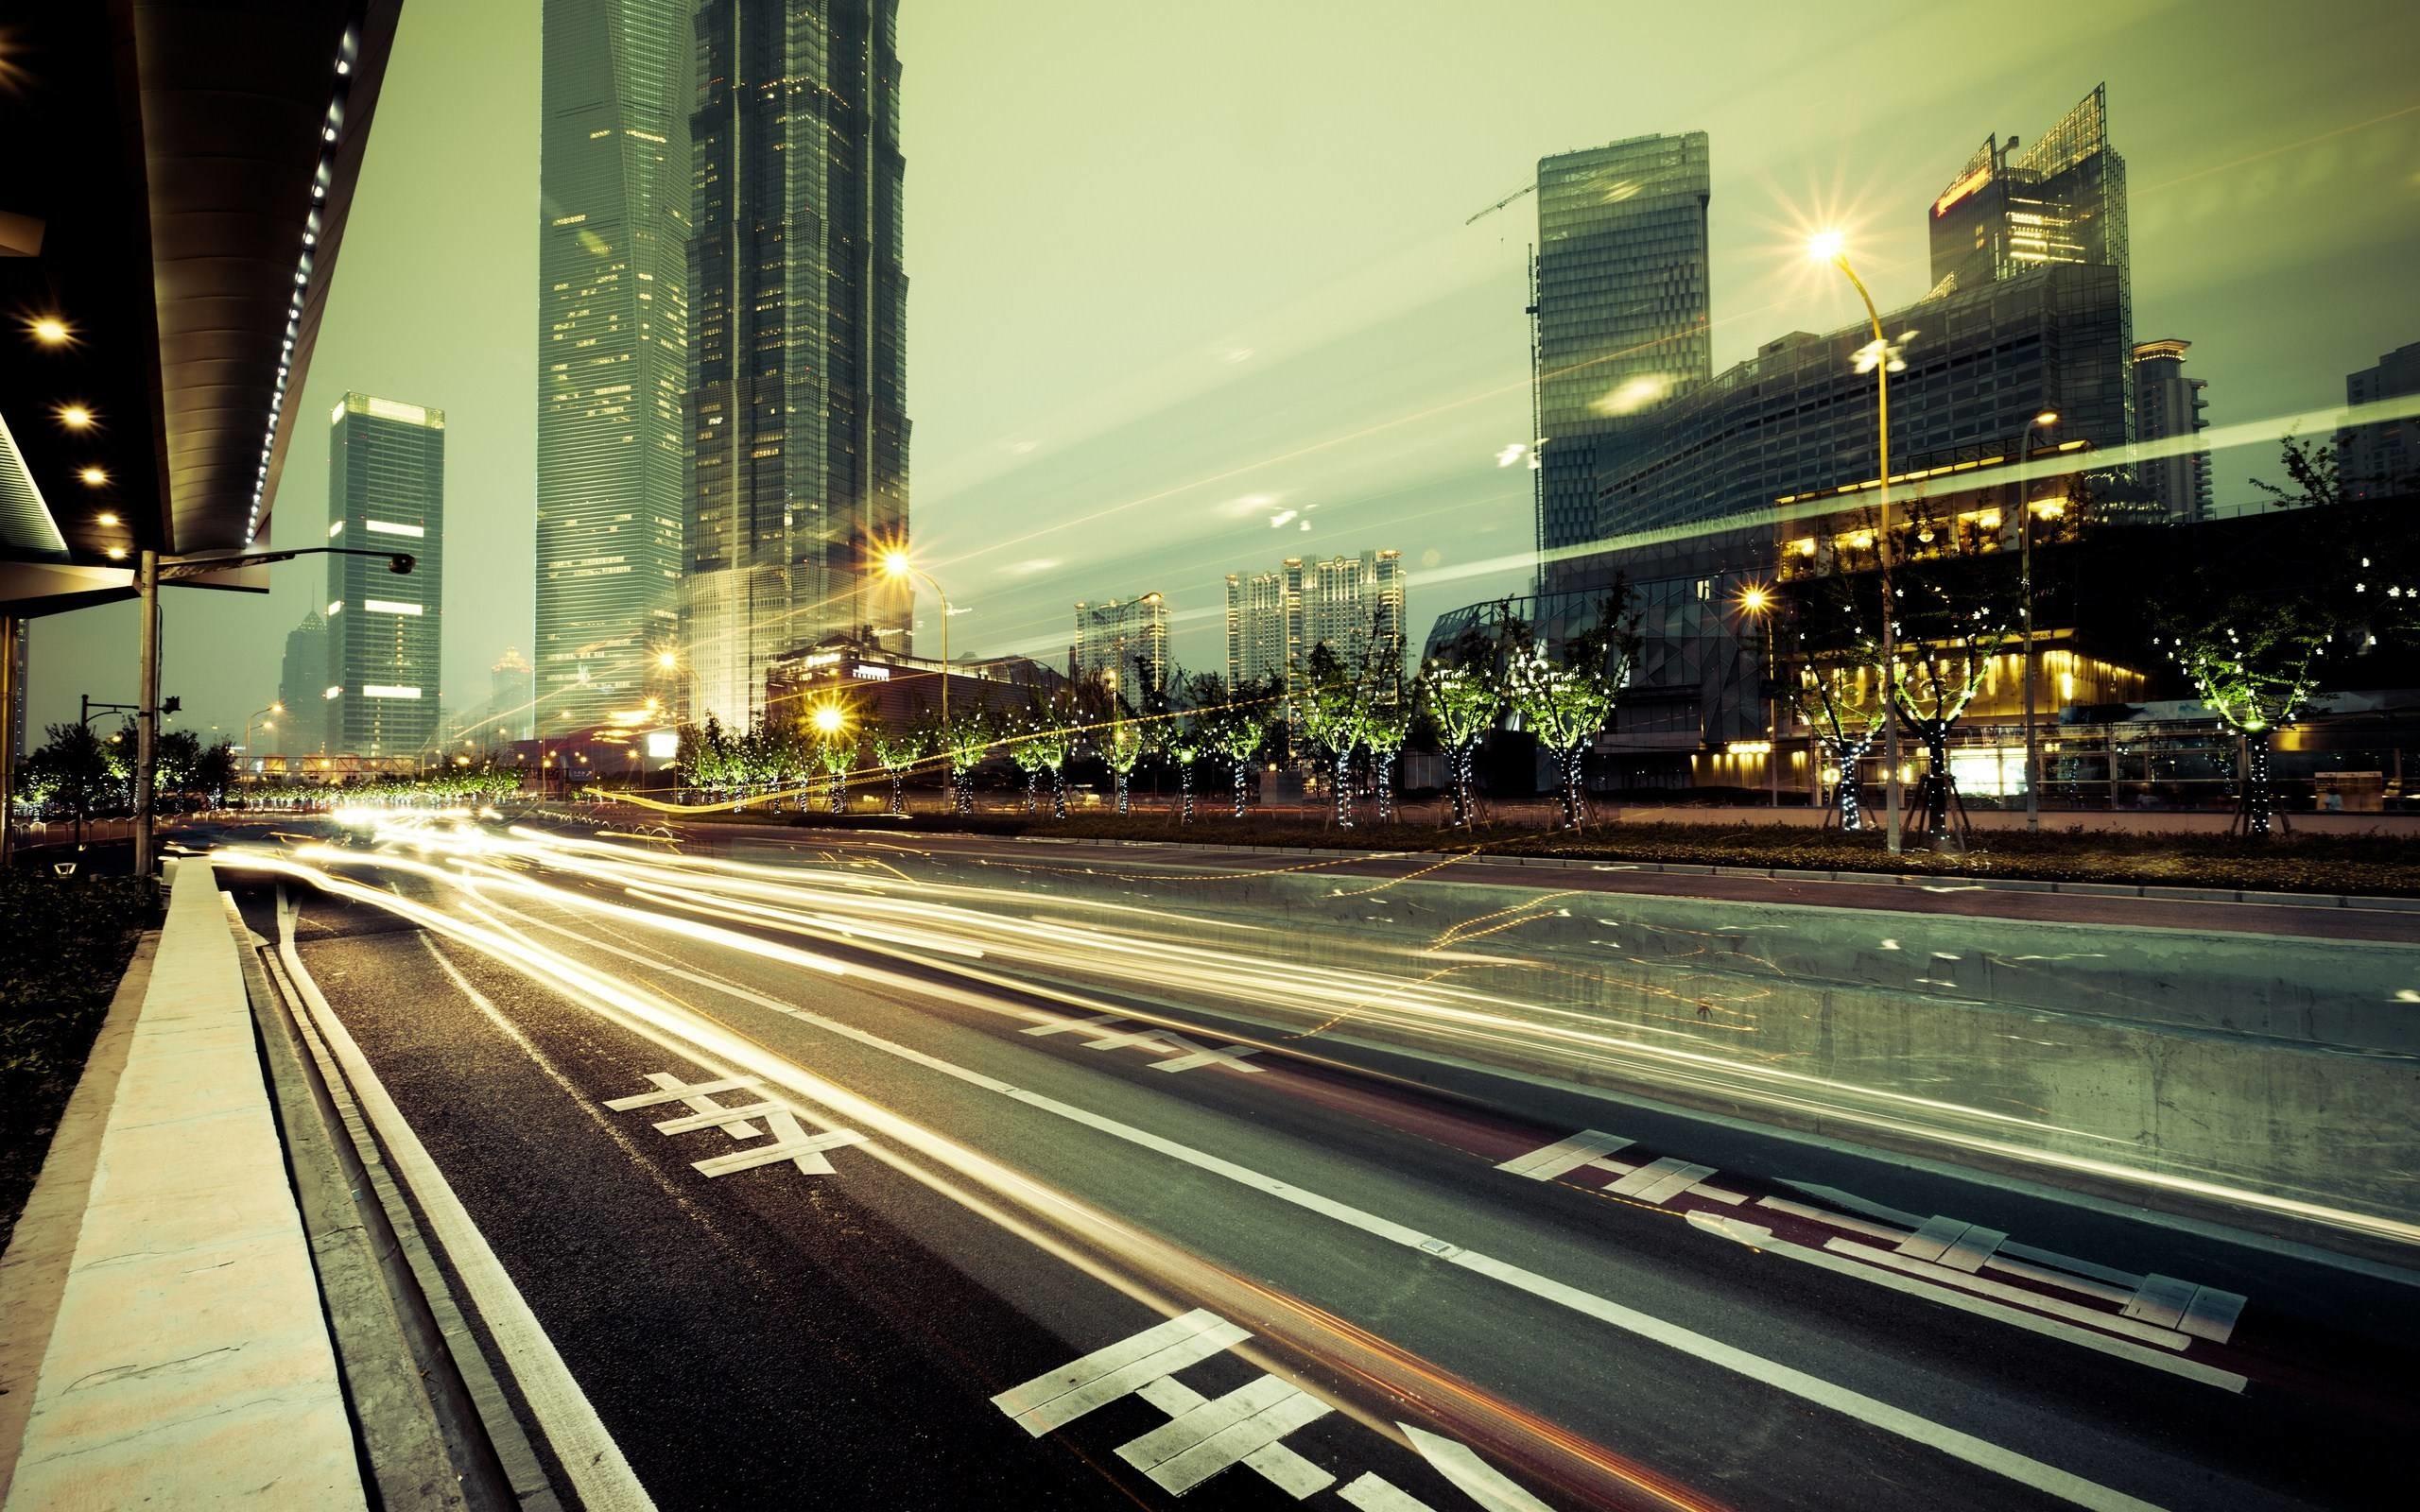 2560x1600 City Street Lights HD Wallpaper